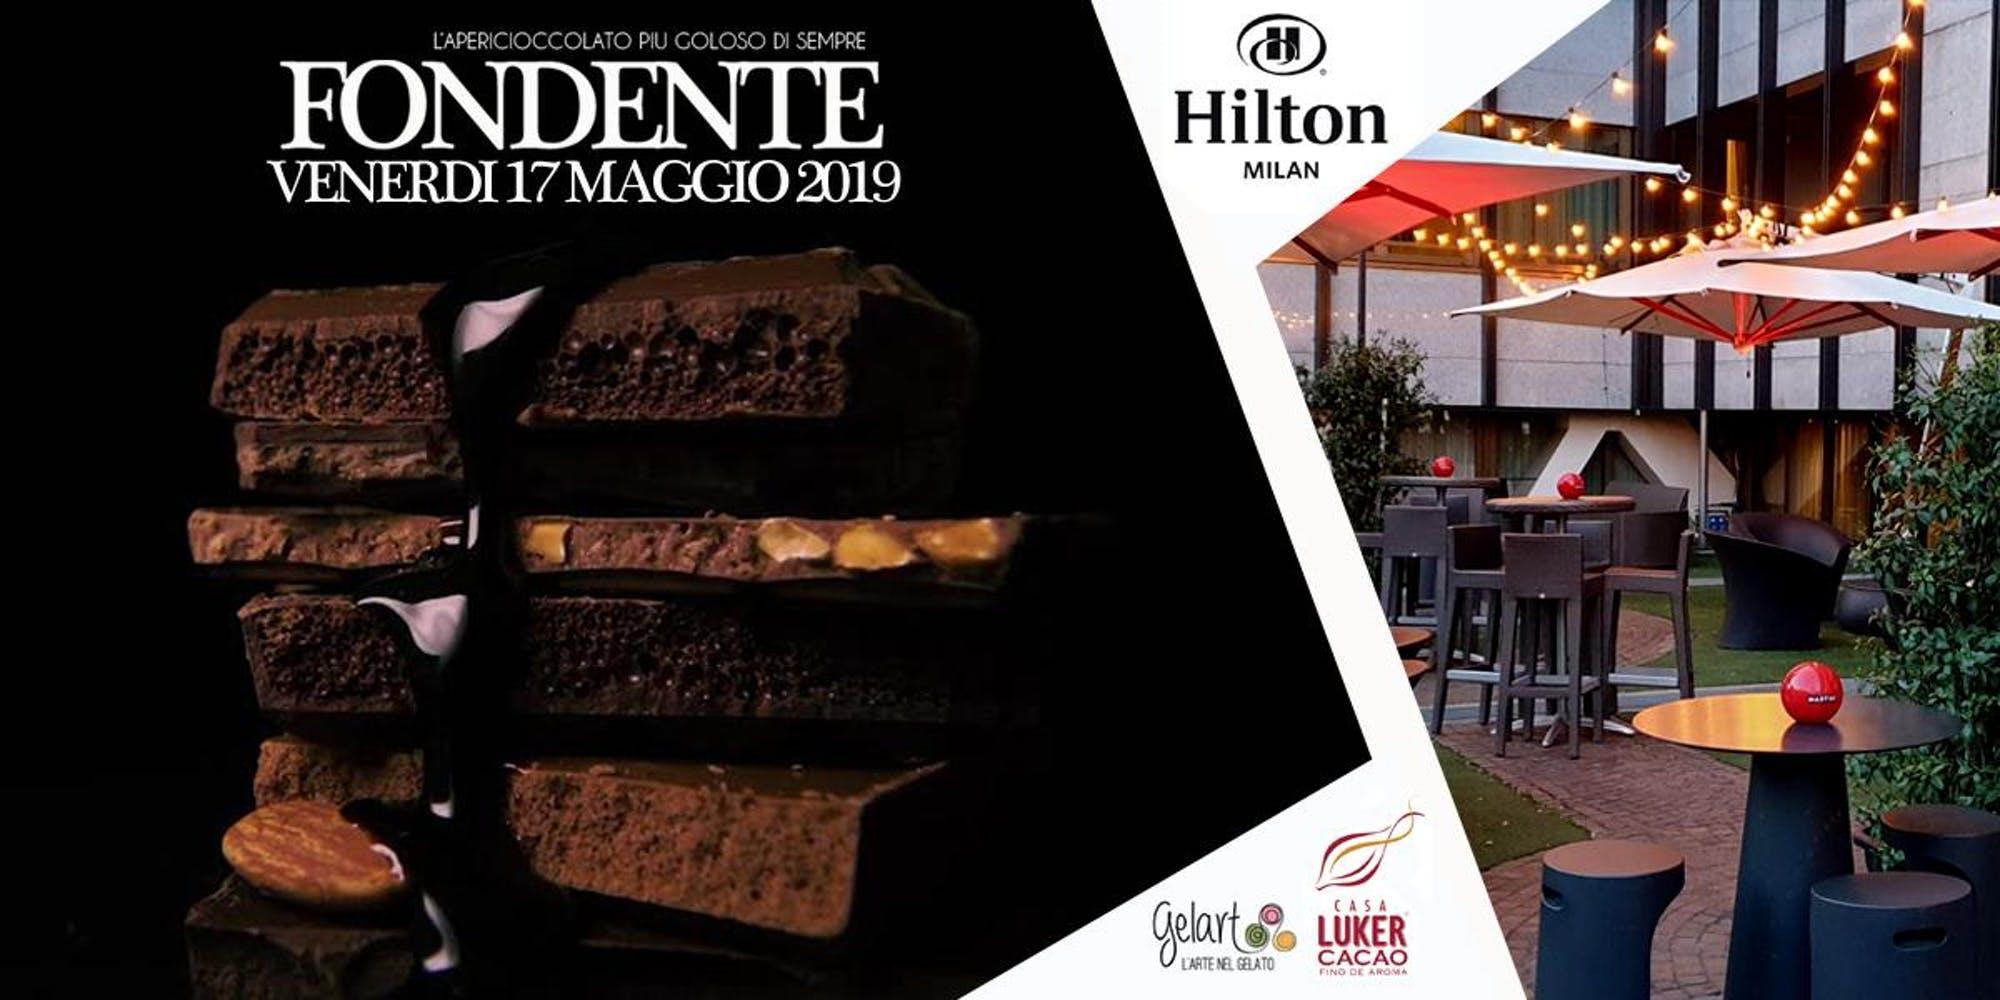 CFM / FONDENTE @ HILTON HOTEL   Aperitivo al Cioccolato